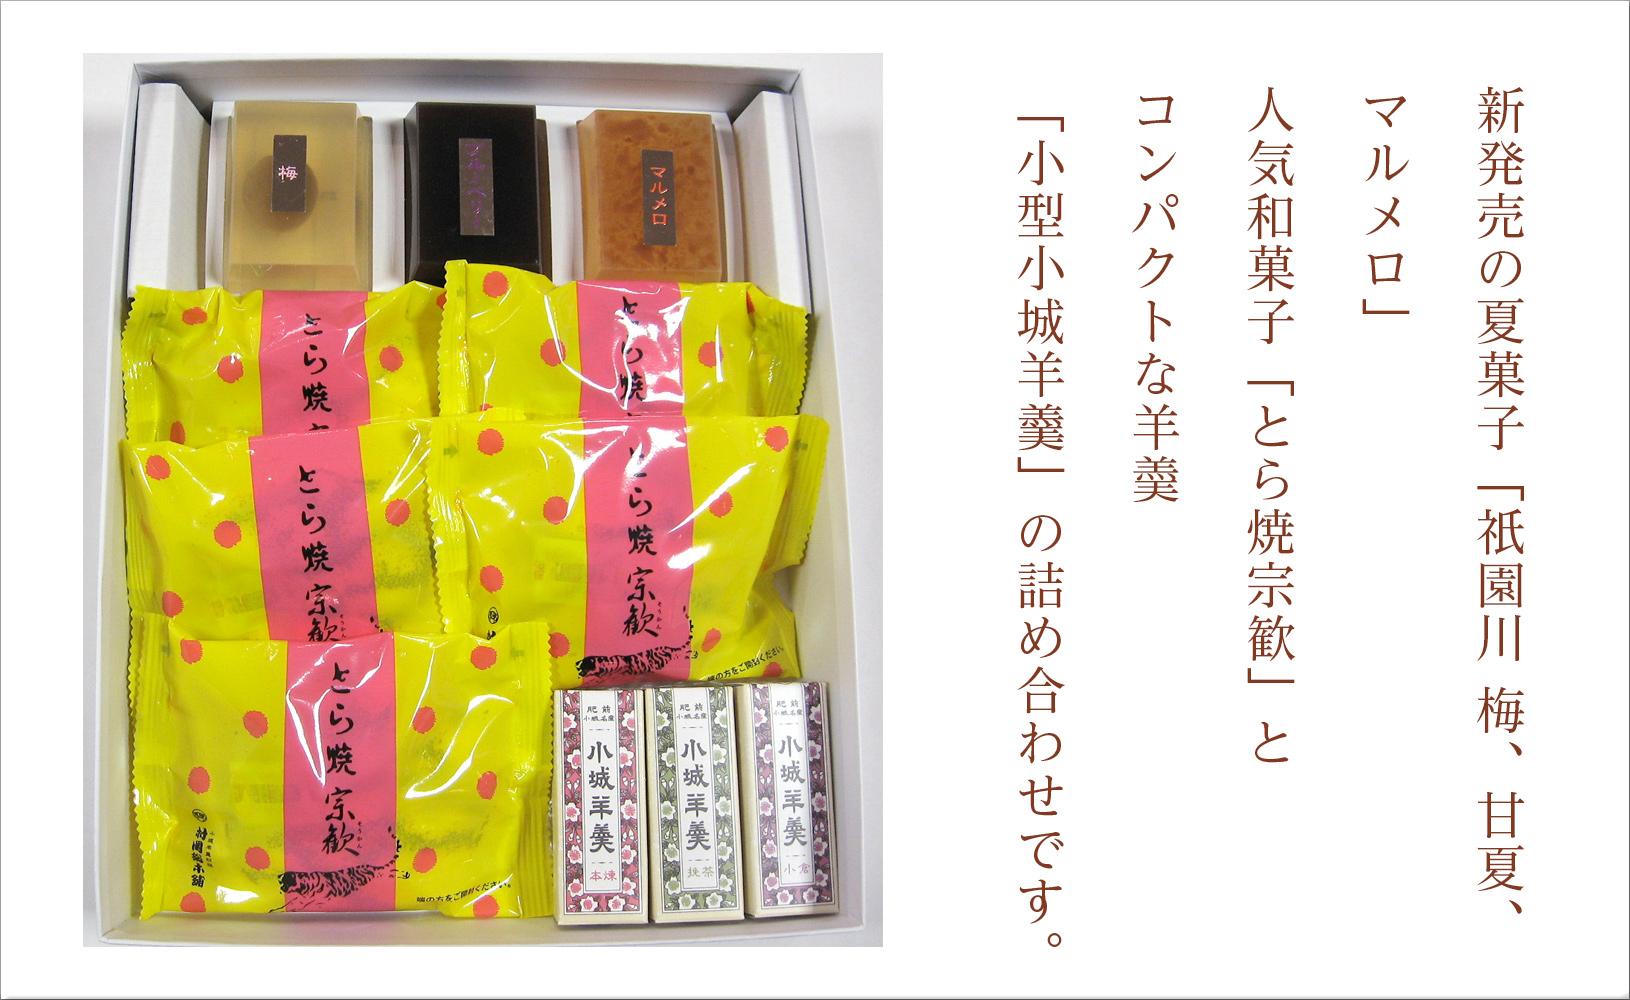 祇園川菓子詰合せA